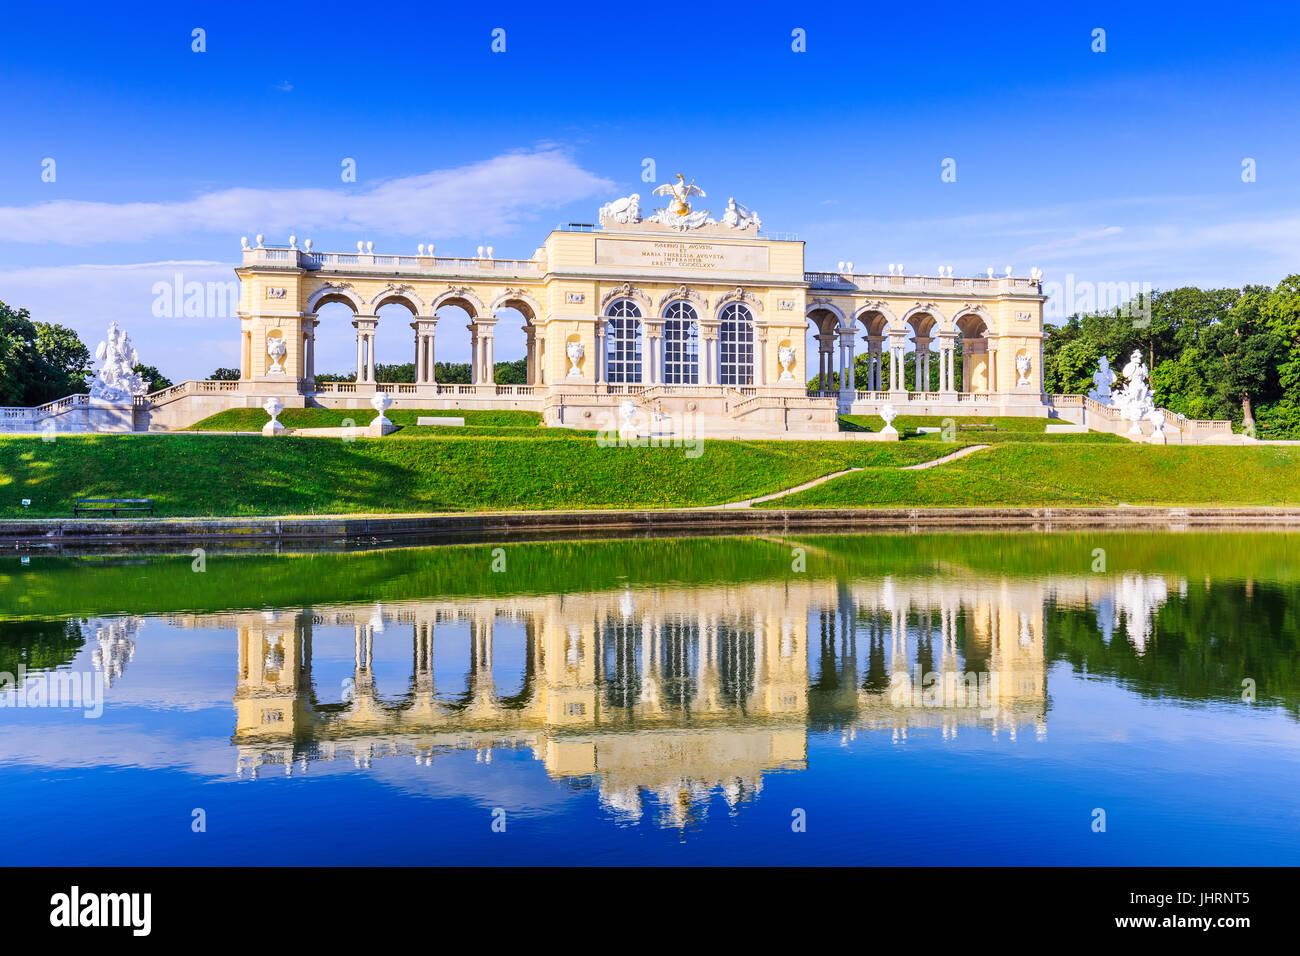 Viena, Austria. La Gloriette pabellón en los jardines del palacio de Schonbrunn Imagen De Stock